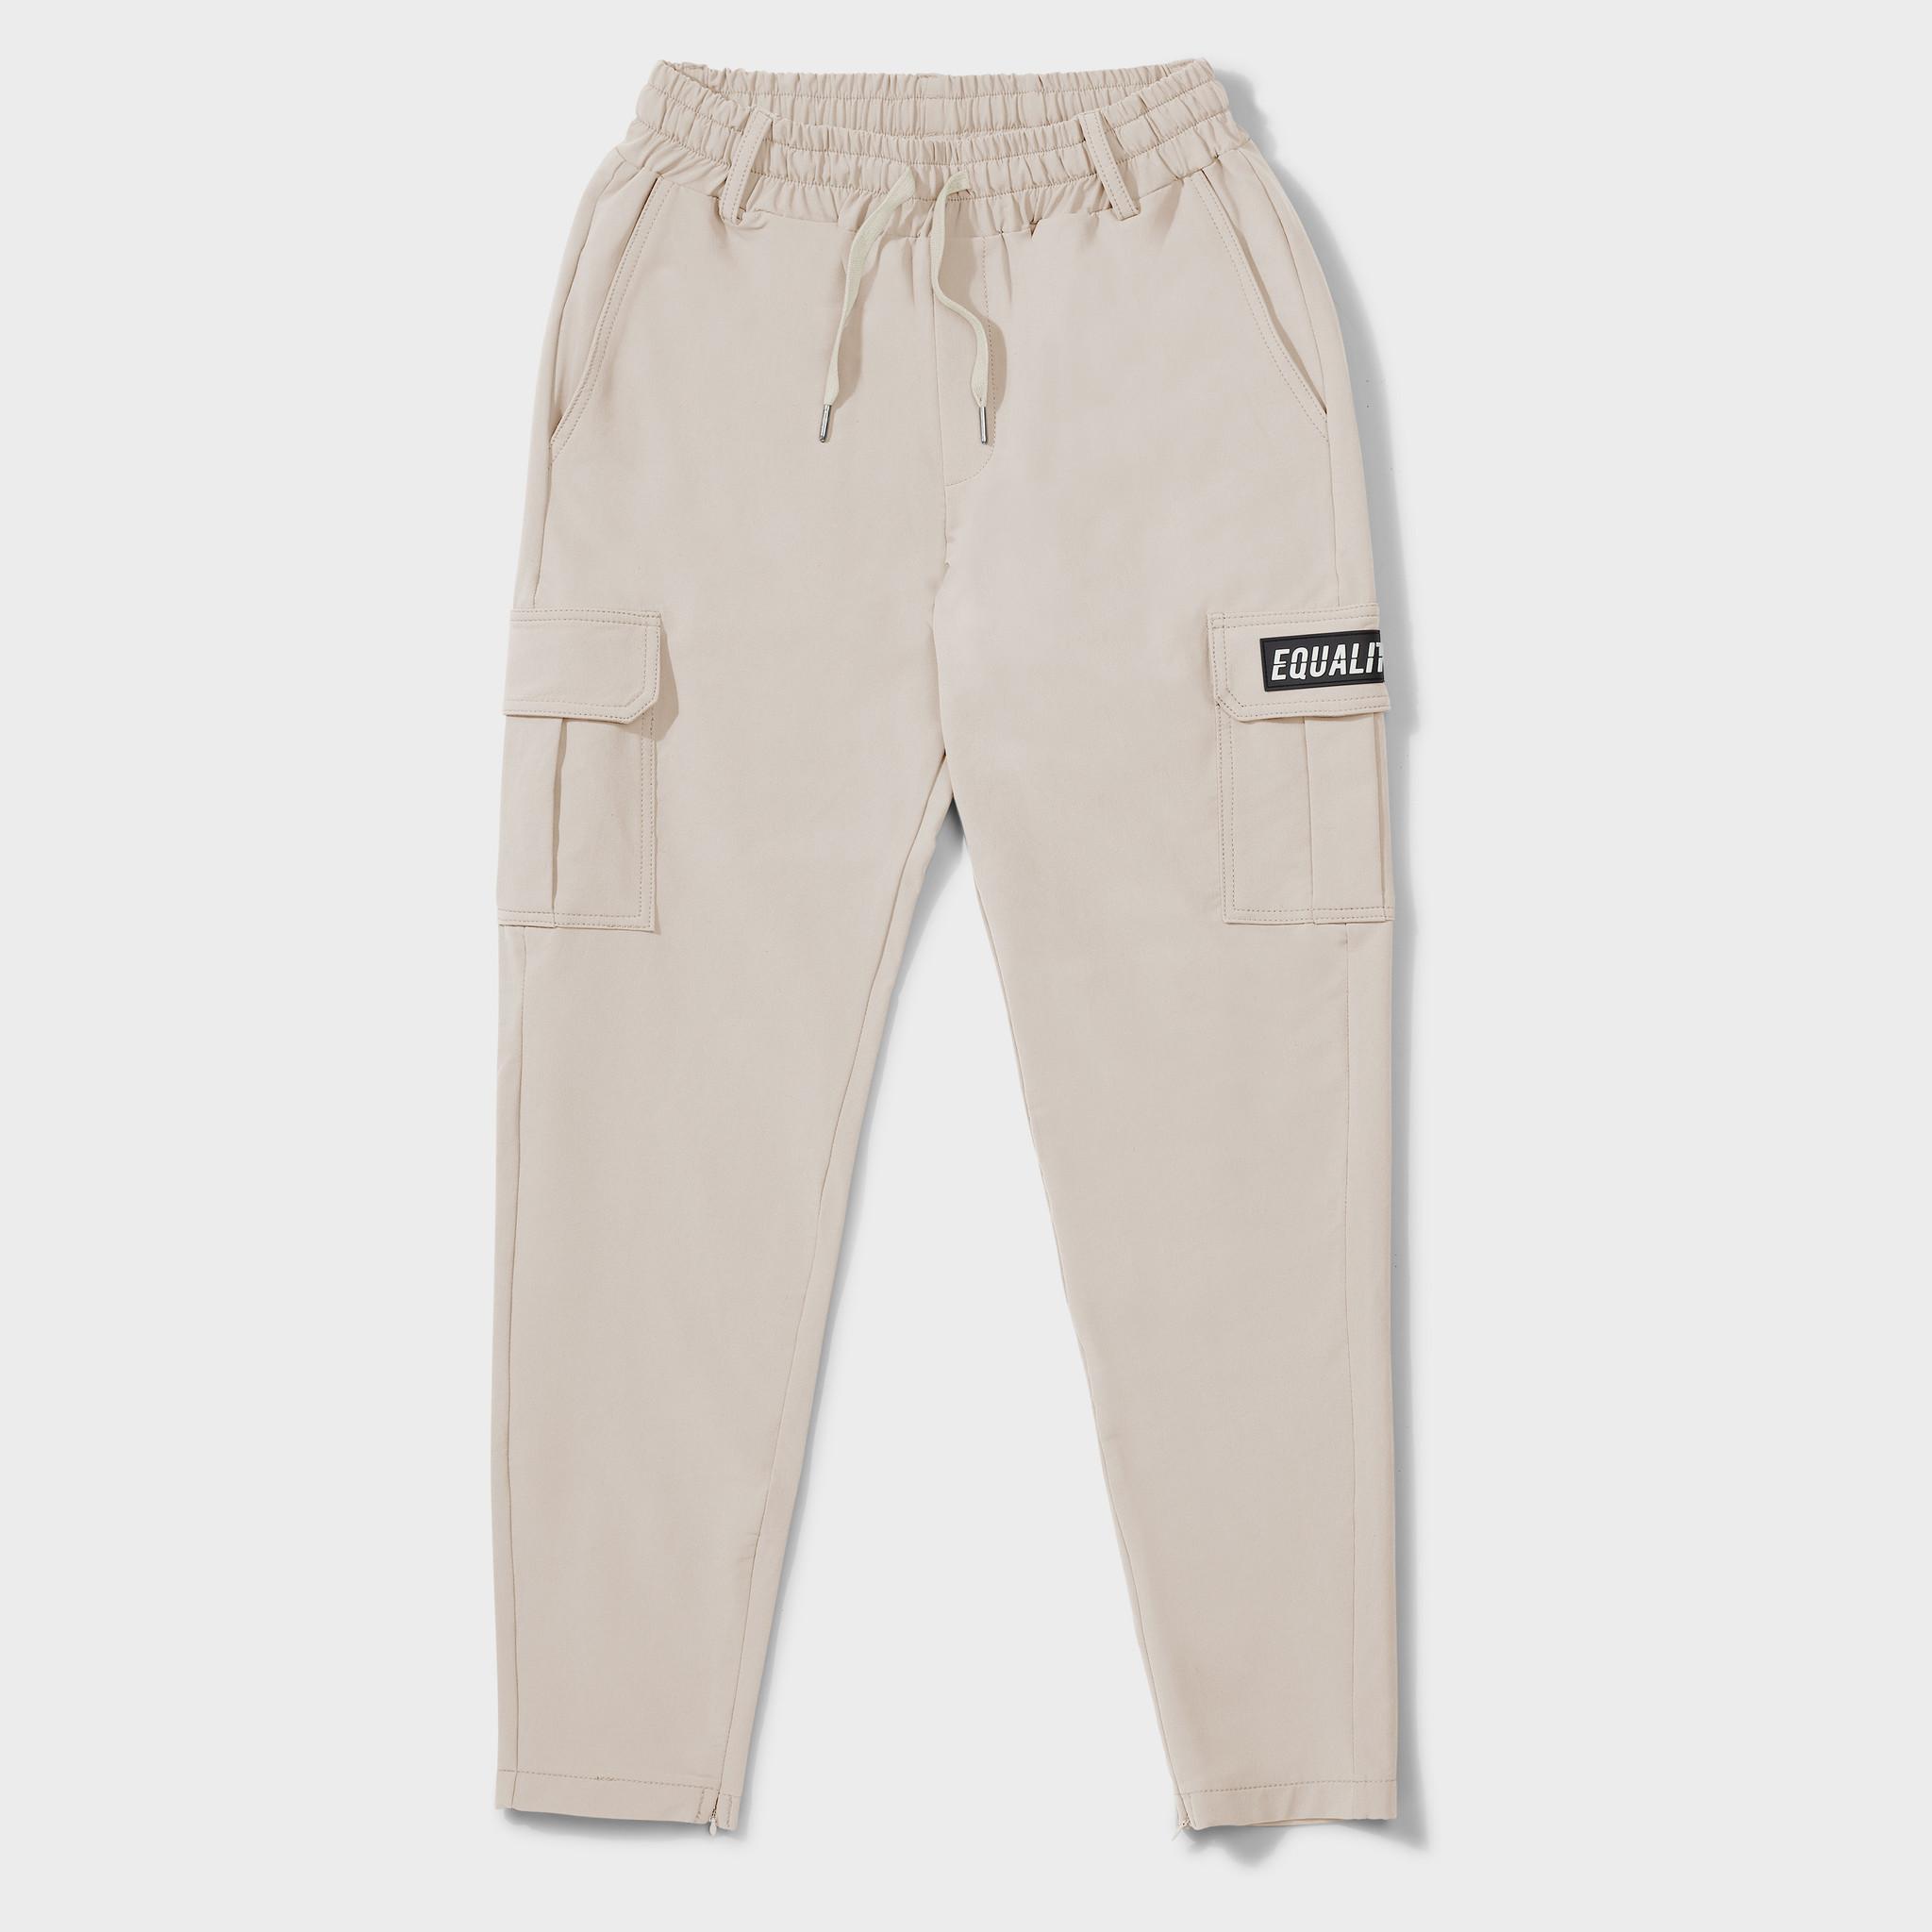 Cargo pants beige-1